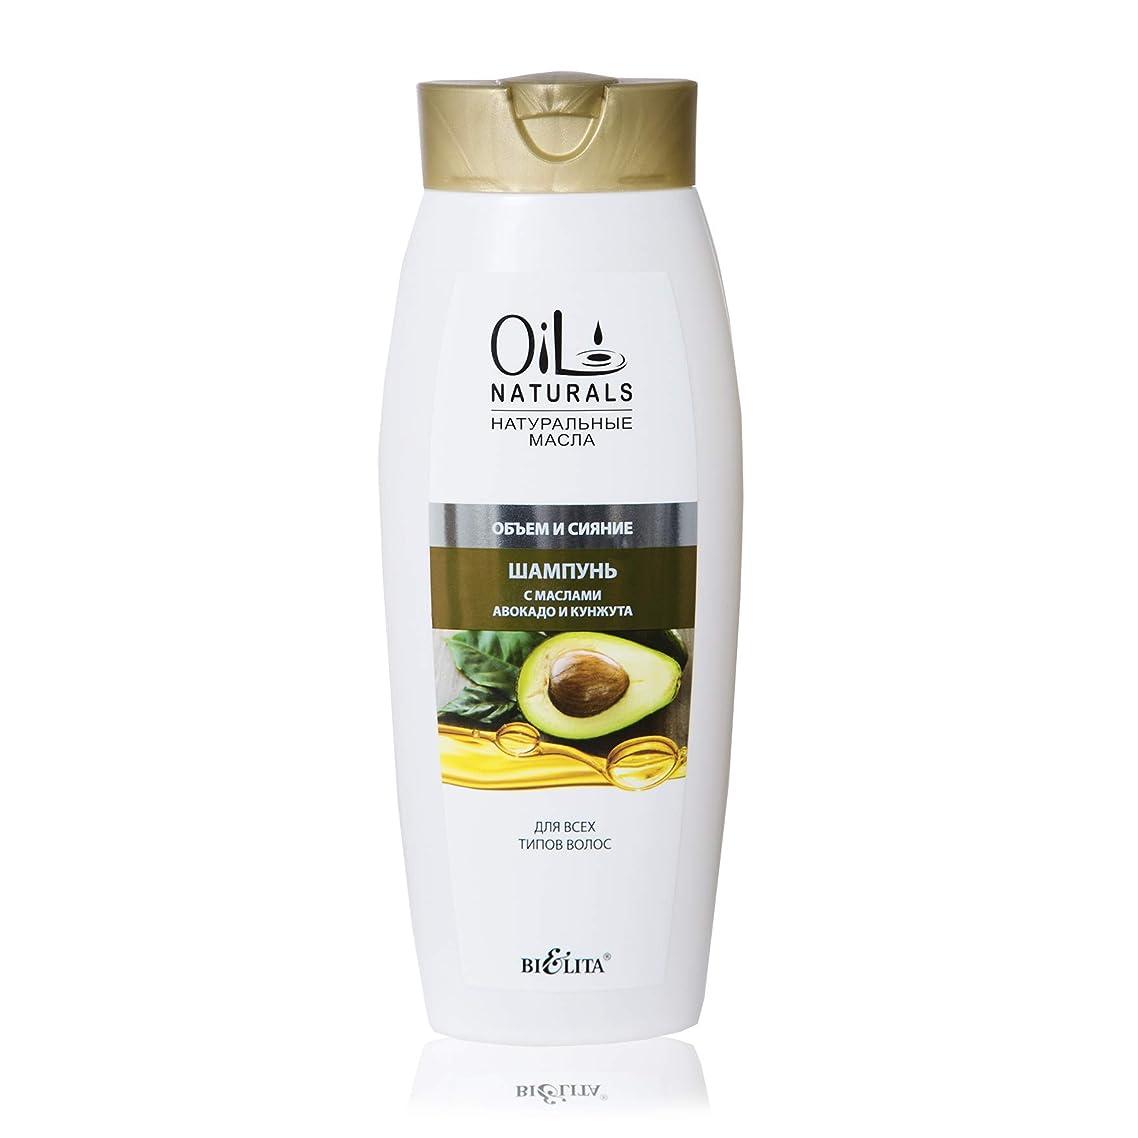 ふくろう侮辱上げるBielita & Vitex Oil Naturals Line   Volume & Shine Oils Shampoo for All Hair Types, 430 ml   Avocado Oil, Silk Proteins, Sesame Oil, Vitamins